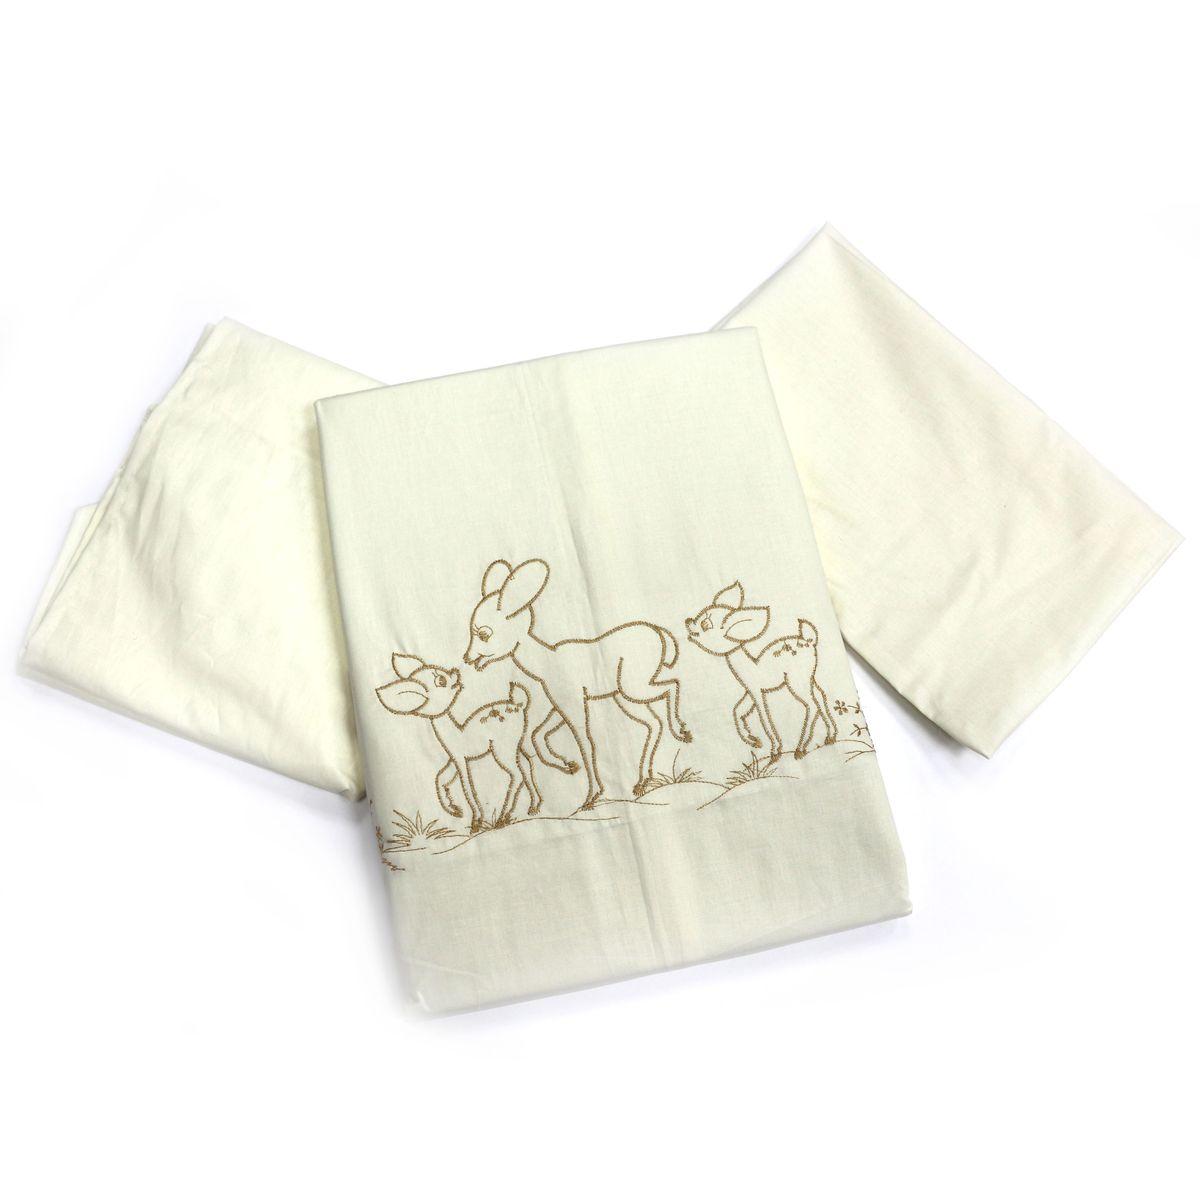 Топотушки Комплект детского постельного белья Бамбино цвет бежевый5145Изысканный и нежный комплект!Безукоризненное сочетание стиля и нежности создают комфорт Вашему малышу и обеспечат ему спокойный и здоровый сон.Сменный комплект постельного белья из 3 предметов для детской кроватки.Комплект создает для Вашего ребенка уют, комфорт и безопасную среду с рождения; современный дизайн и цветовые сочетания помогают ребенку адаптироваться в новом для него мире. Комплекты «Топотушки» хорошо вписываются в интерьер, как детской комнаты, так и в спальни родителей.Как и все изделия «Топотушки» данный комплект отражает самые последние технологии, является безопасным для малыша и экологичным. Российское происхождение комплекта гарантирует стабильно высокое качество, соответствие актуальным пожеланиям потребителей, конкурентоспособную цену.Наволочка 40х60см, пододеяльник 147х112см, простынь на резинке 120х60см